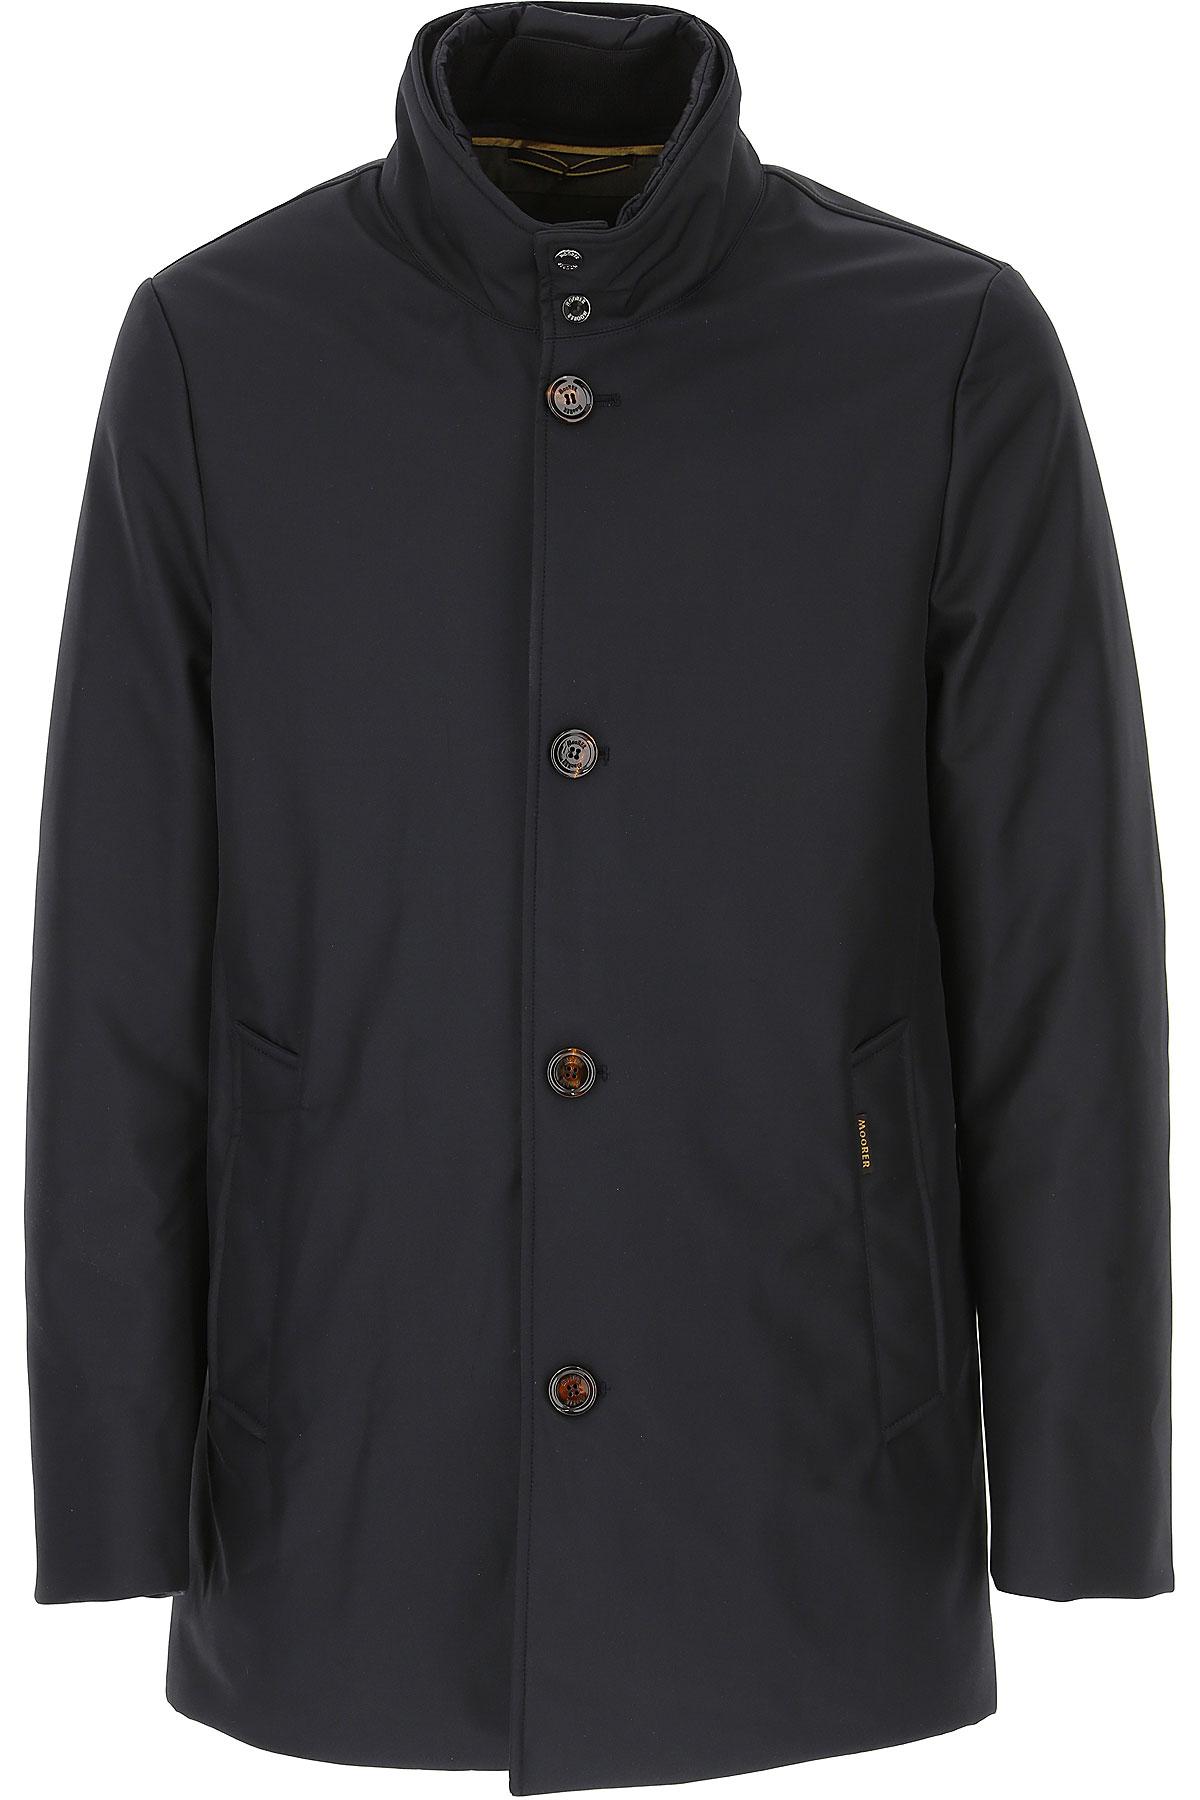 Image of Moorer Down Jacket for Men, Puffer Ski Jacket, Dark Blue Navy, polyester, 2017, L XL